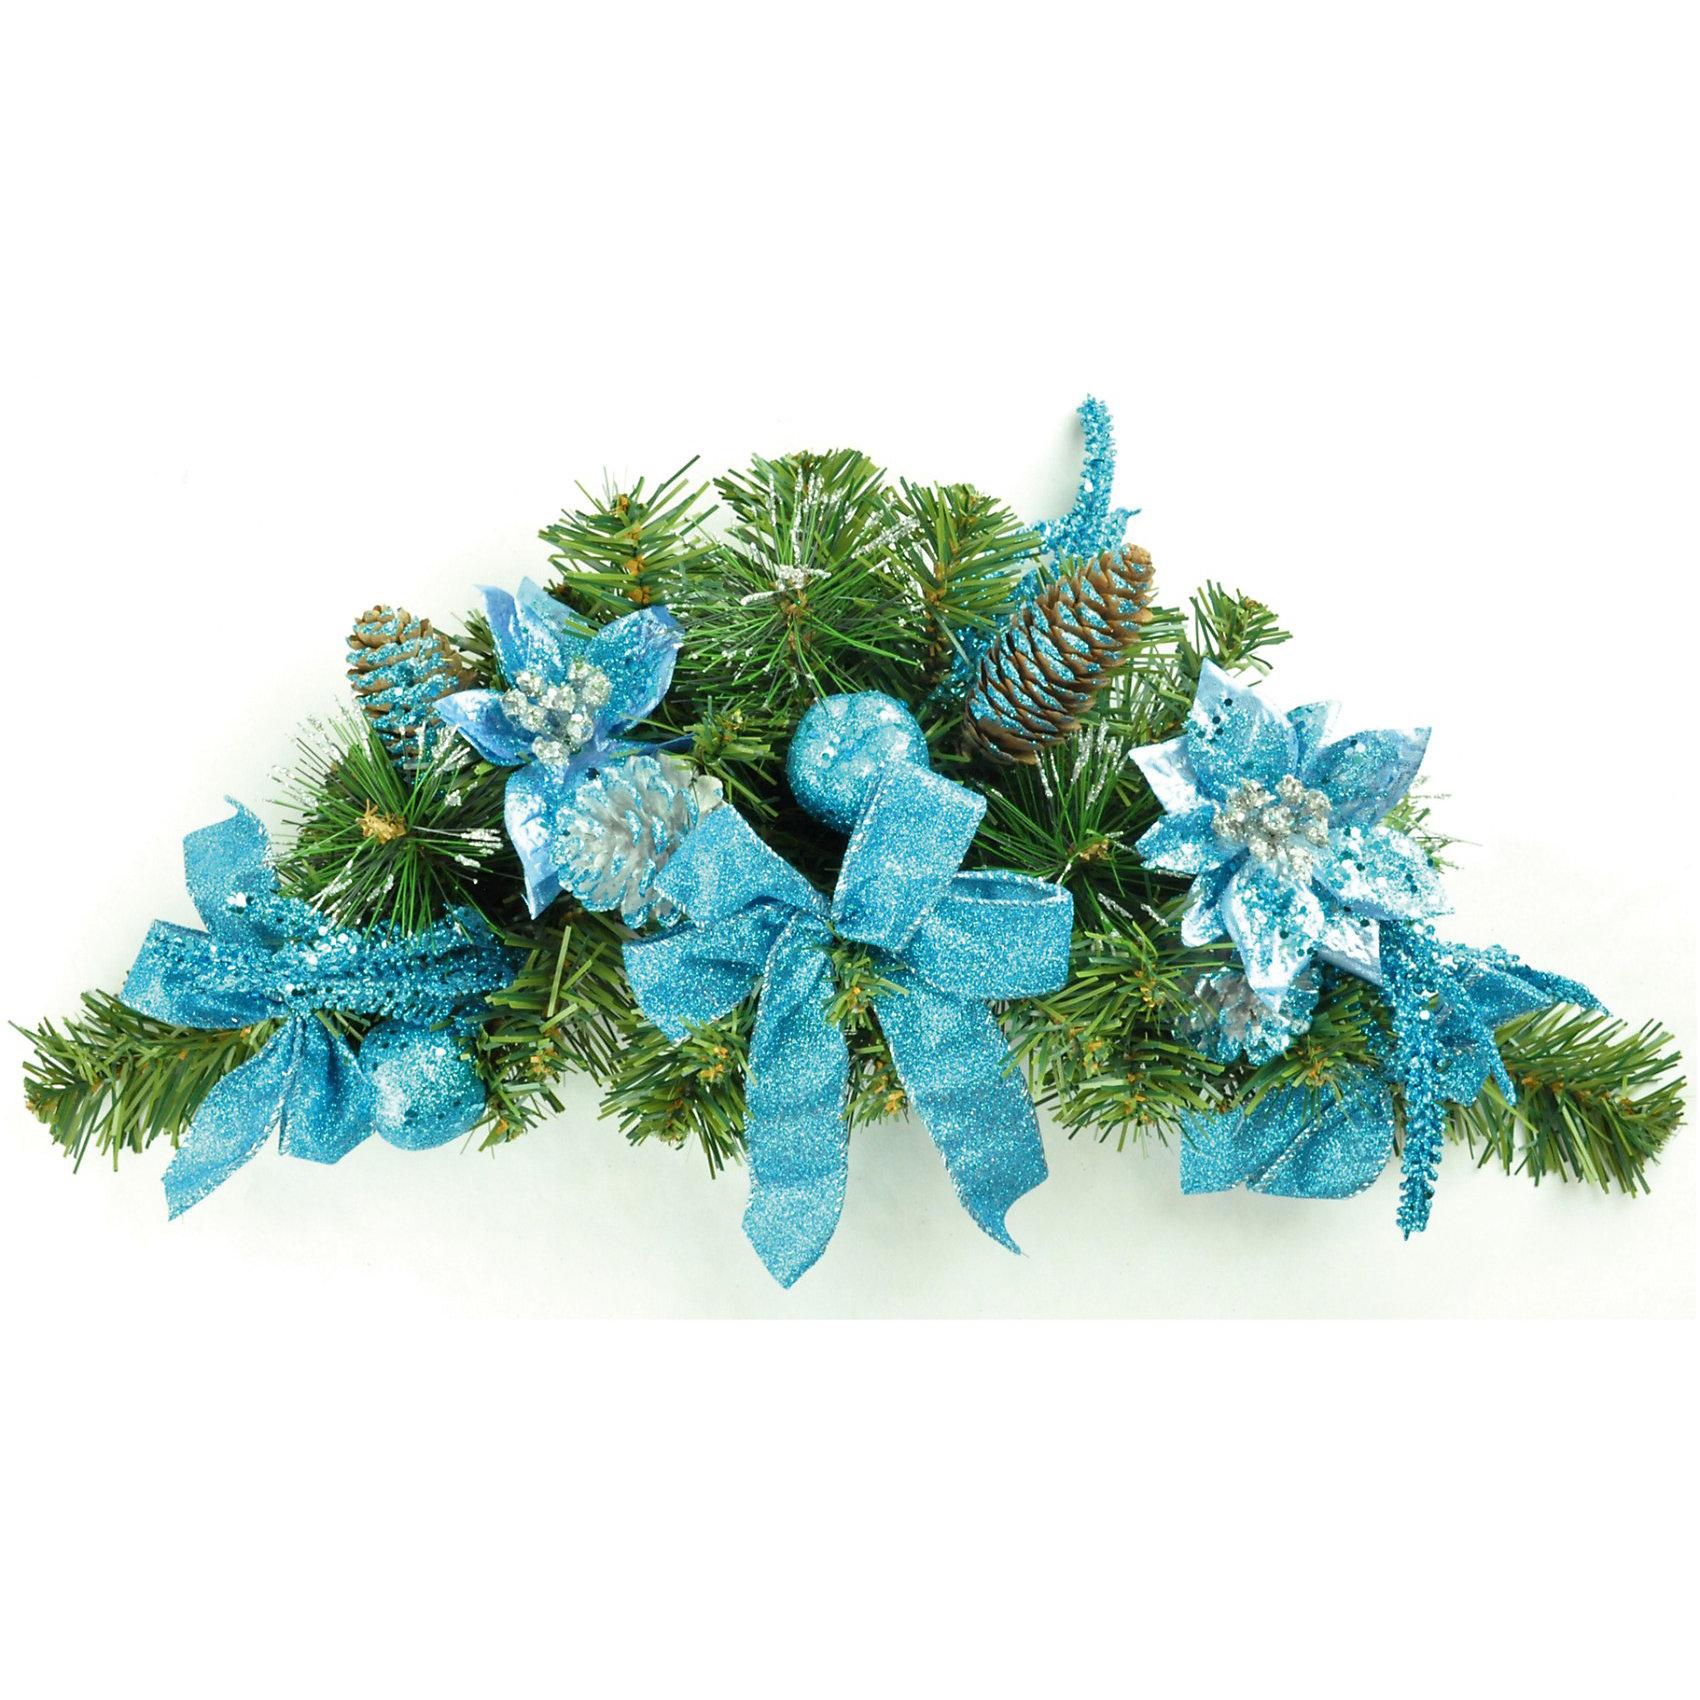 Гирлянда хвойная декорированная, 45 смВсё для праздника<br>Гирлянда хвойная декорированная, Волшебная страна станет замечательным украшением Вашего интерьера и поможет создать волшебную атмосферу новогодних праздников.<br>Нарядная, искусно выполненная гирлянда в виде еловых веток украшена голубыми цветами, бантиками и шишками. <br><br>Дополнительная информация:<br><br>- Размер гирлянды: 45 см.<br>- Размер упаковки: 2 х 12,8 х 2,2 см.<br>- Вес: 0,214 кг. <br><br>Гирлянду хвойную декорированную, Волшебная страна можно купить в нашем интернет-магазине.<br><br>Ширина мм: 600<br>Глубина мм: 200<br>Высота мм: 120<br>Вес г: 214<br>Возраст от месяцев: 60<br>Возраст до месяцев: 180<br>Пол: Унисекс<br>Возраст: Детский<br>SKU: 3791301